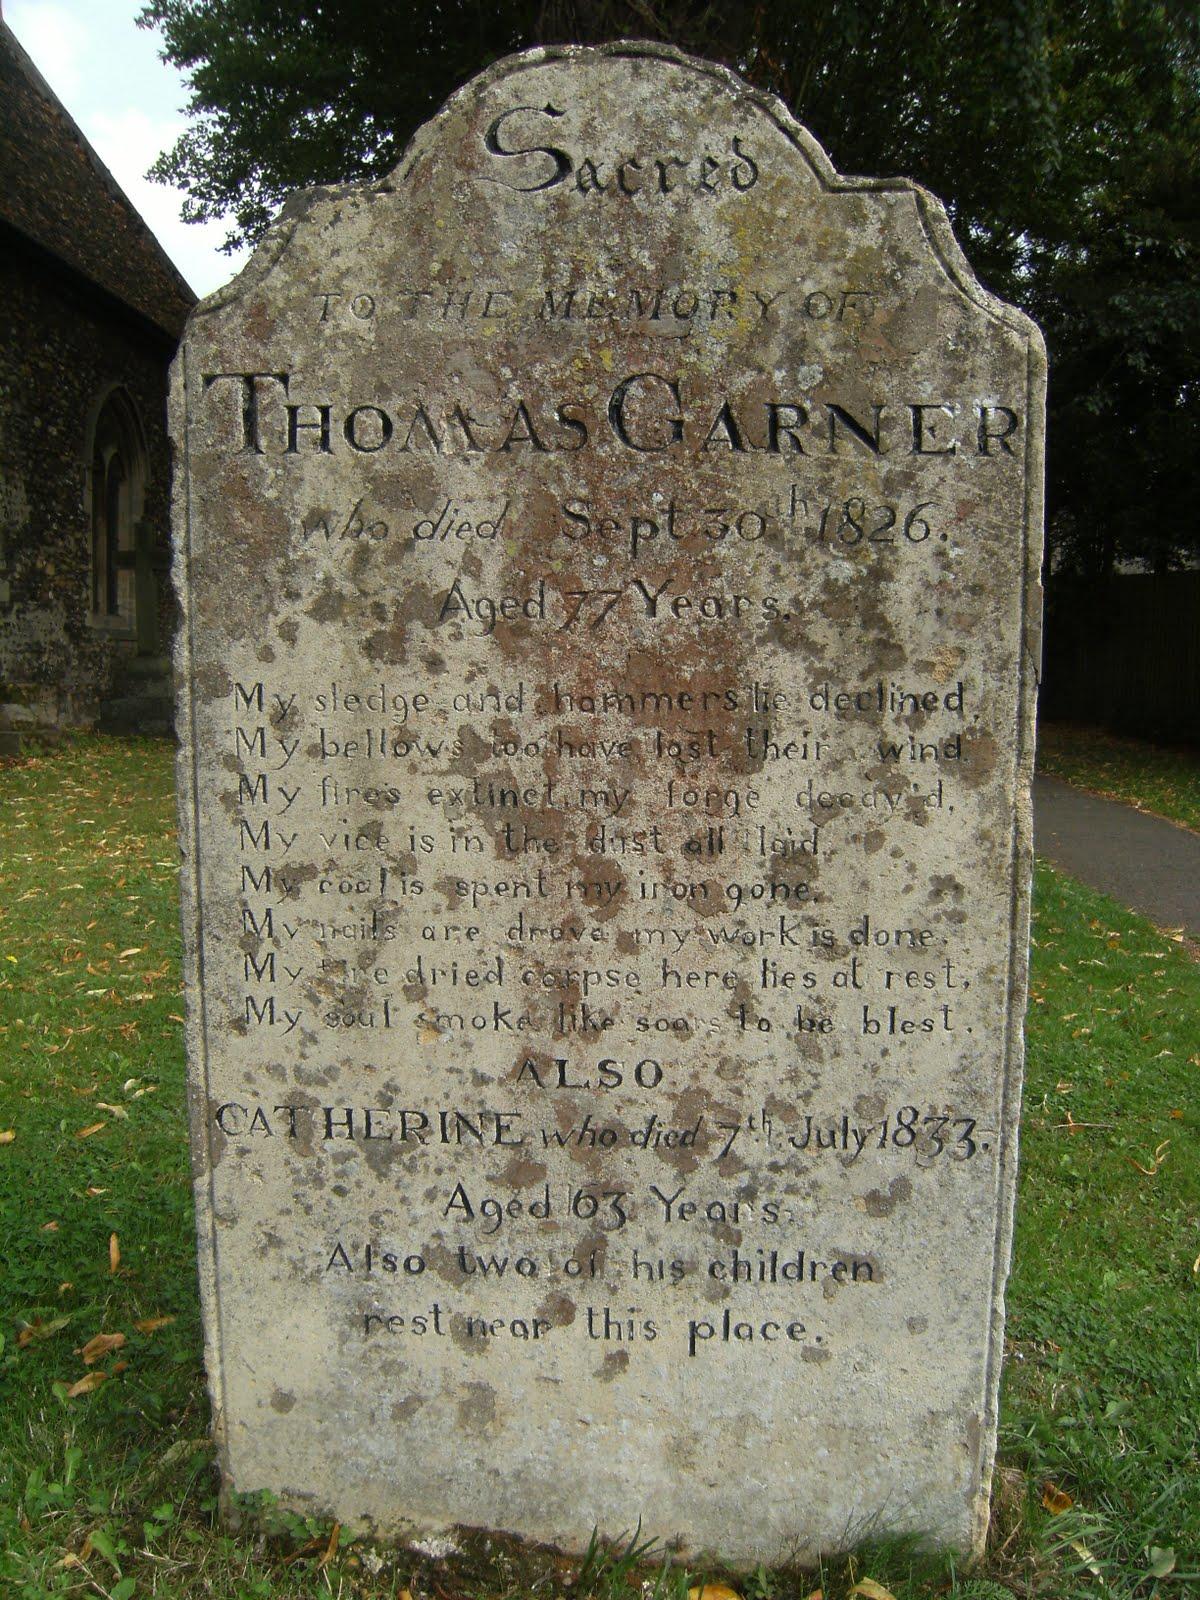 DSCF9467 Gravestone with blacksmith's epitaph, Houghton churchyard